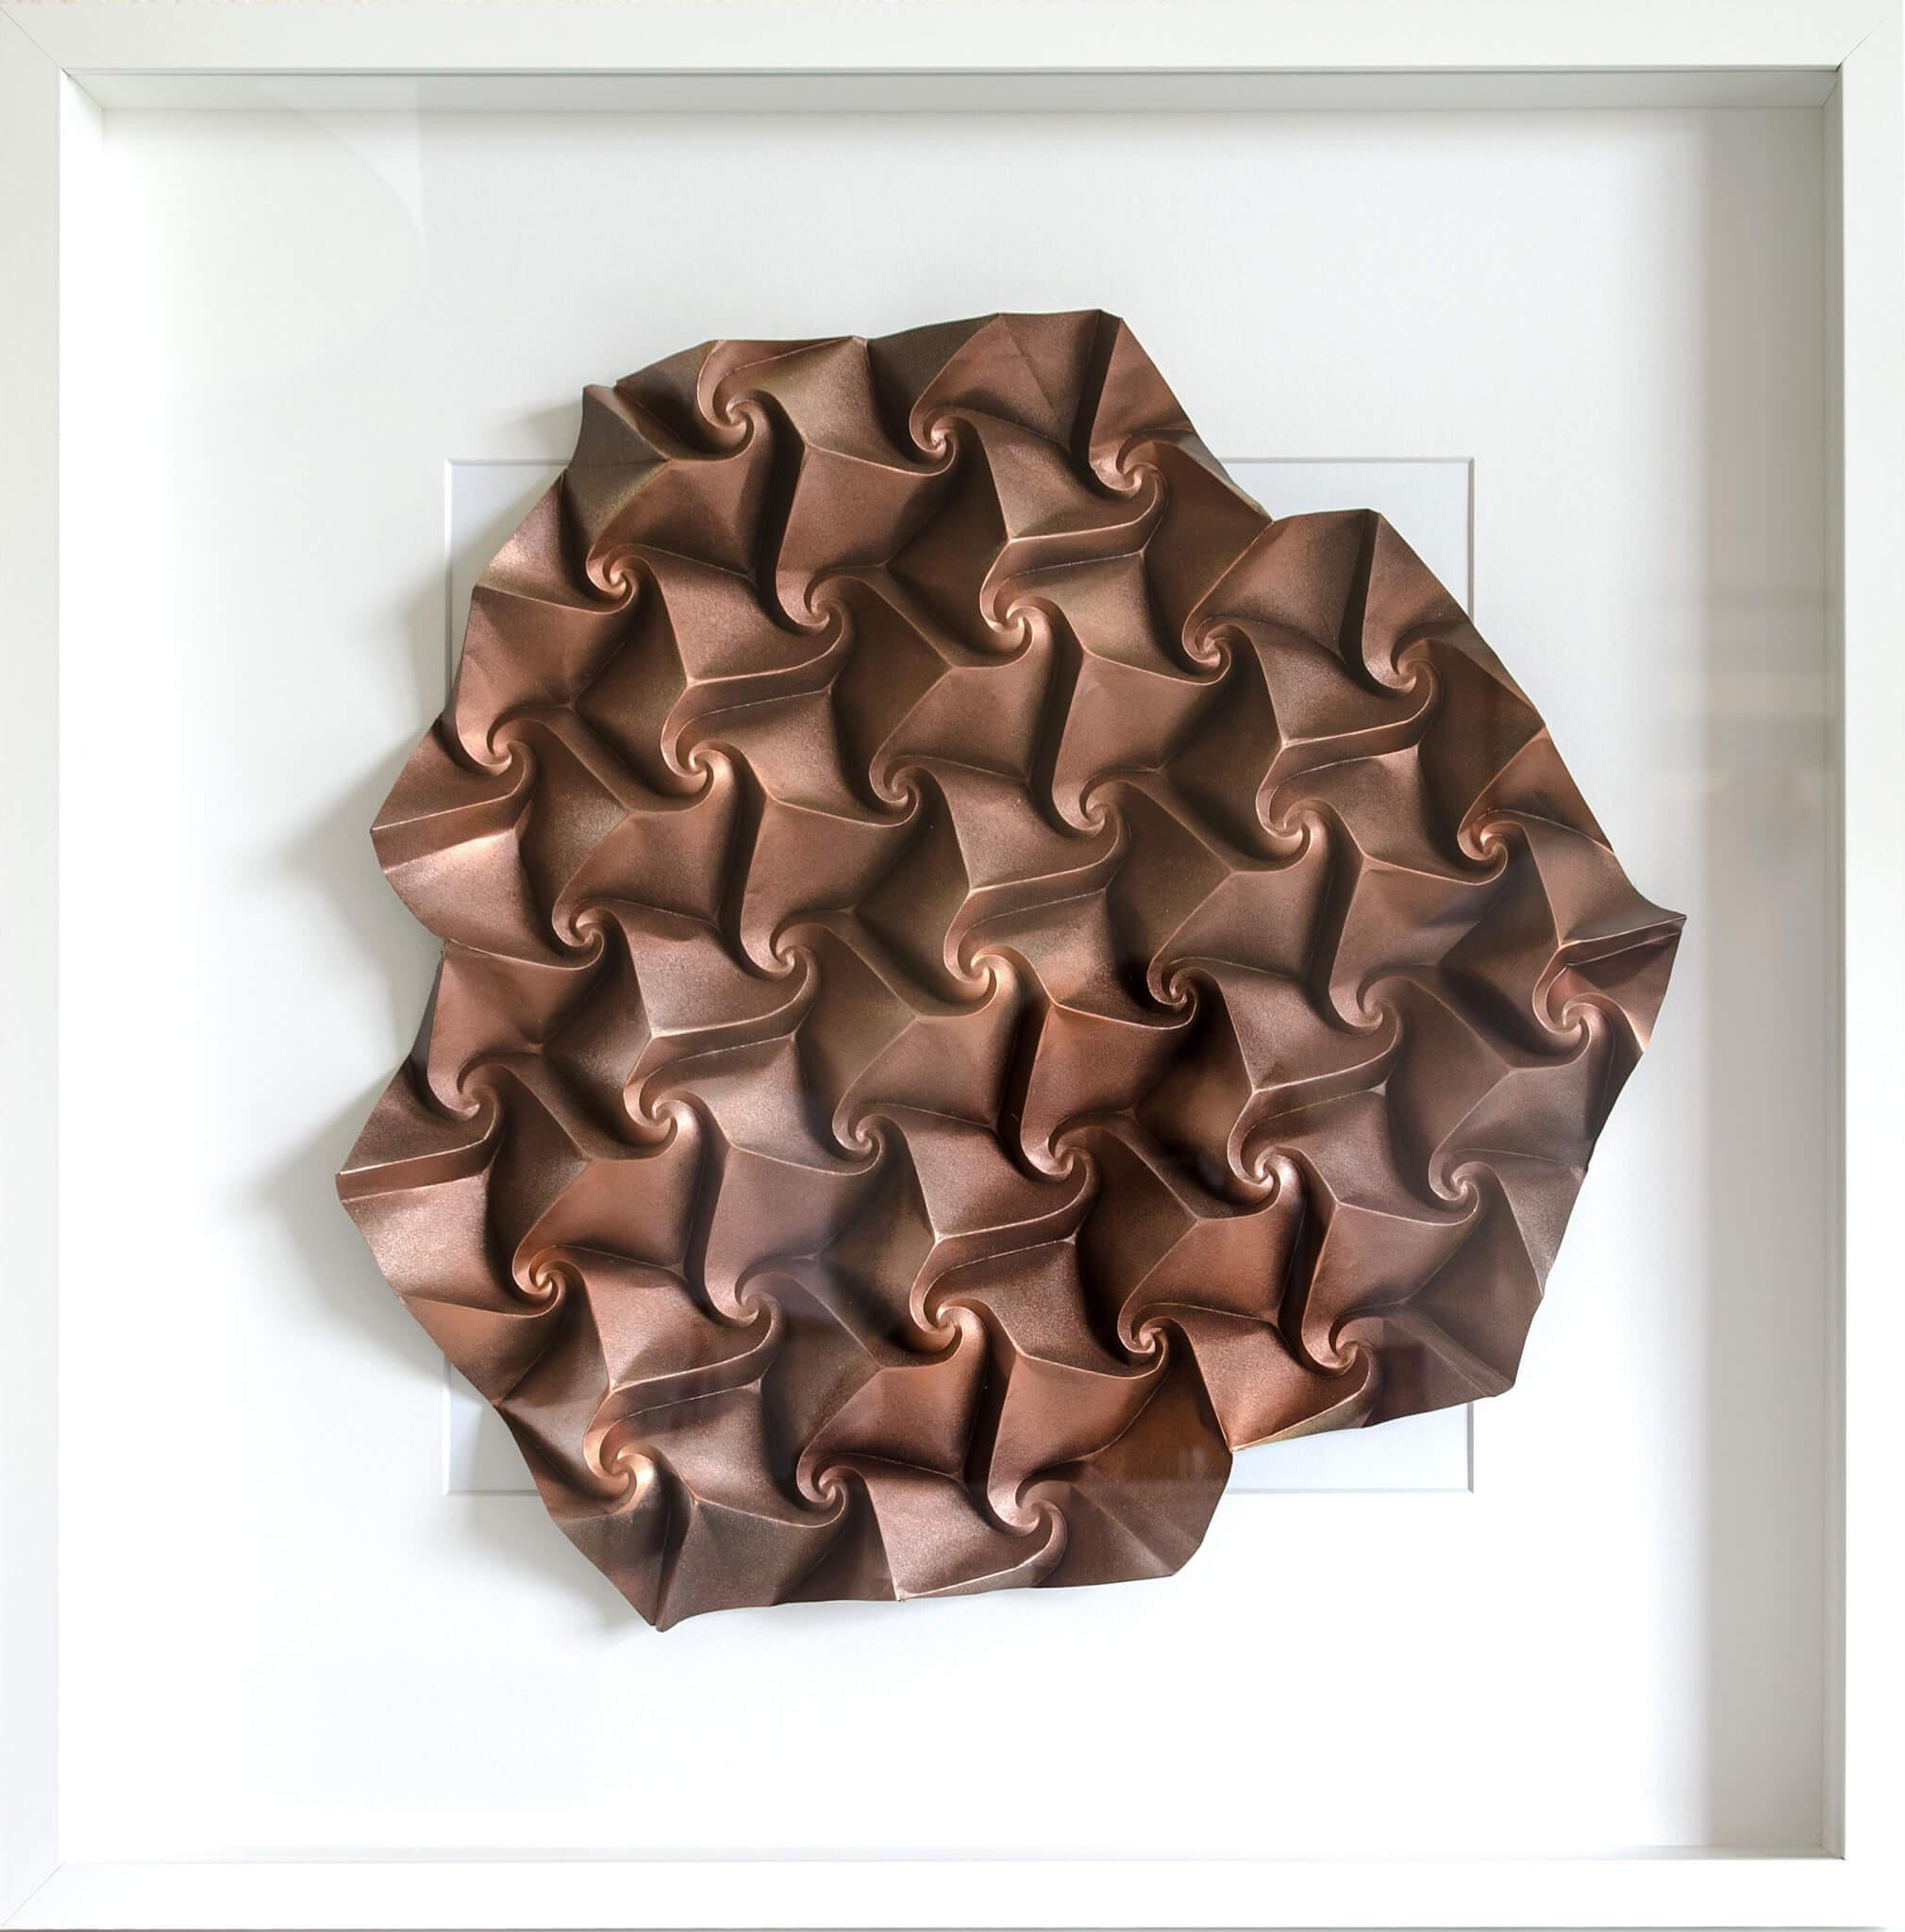 Шедевры в технике Кусудама и тесселяции, оригами от Екатерины Лукашевой, фото 10